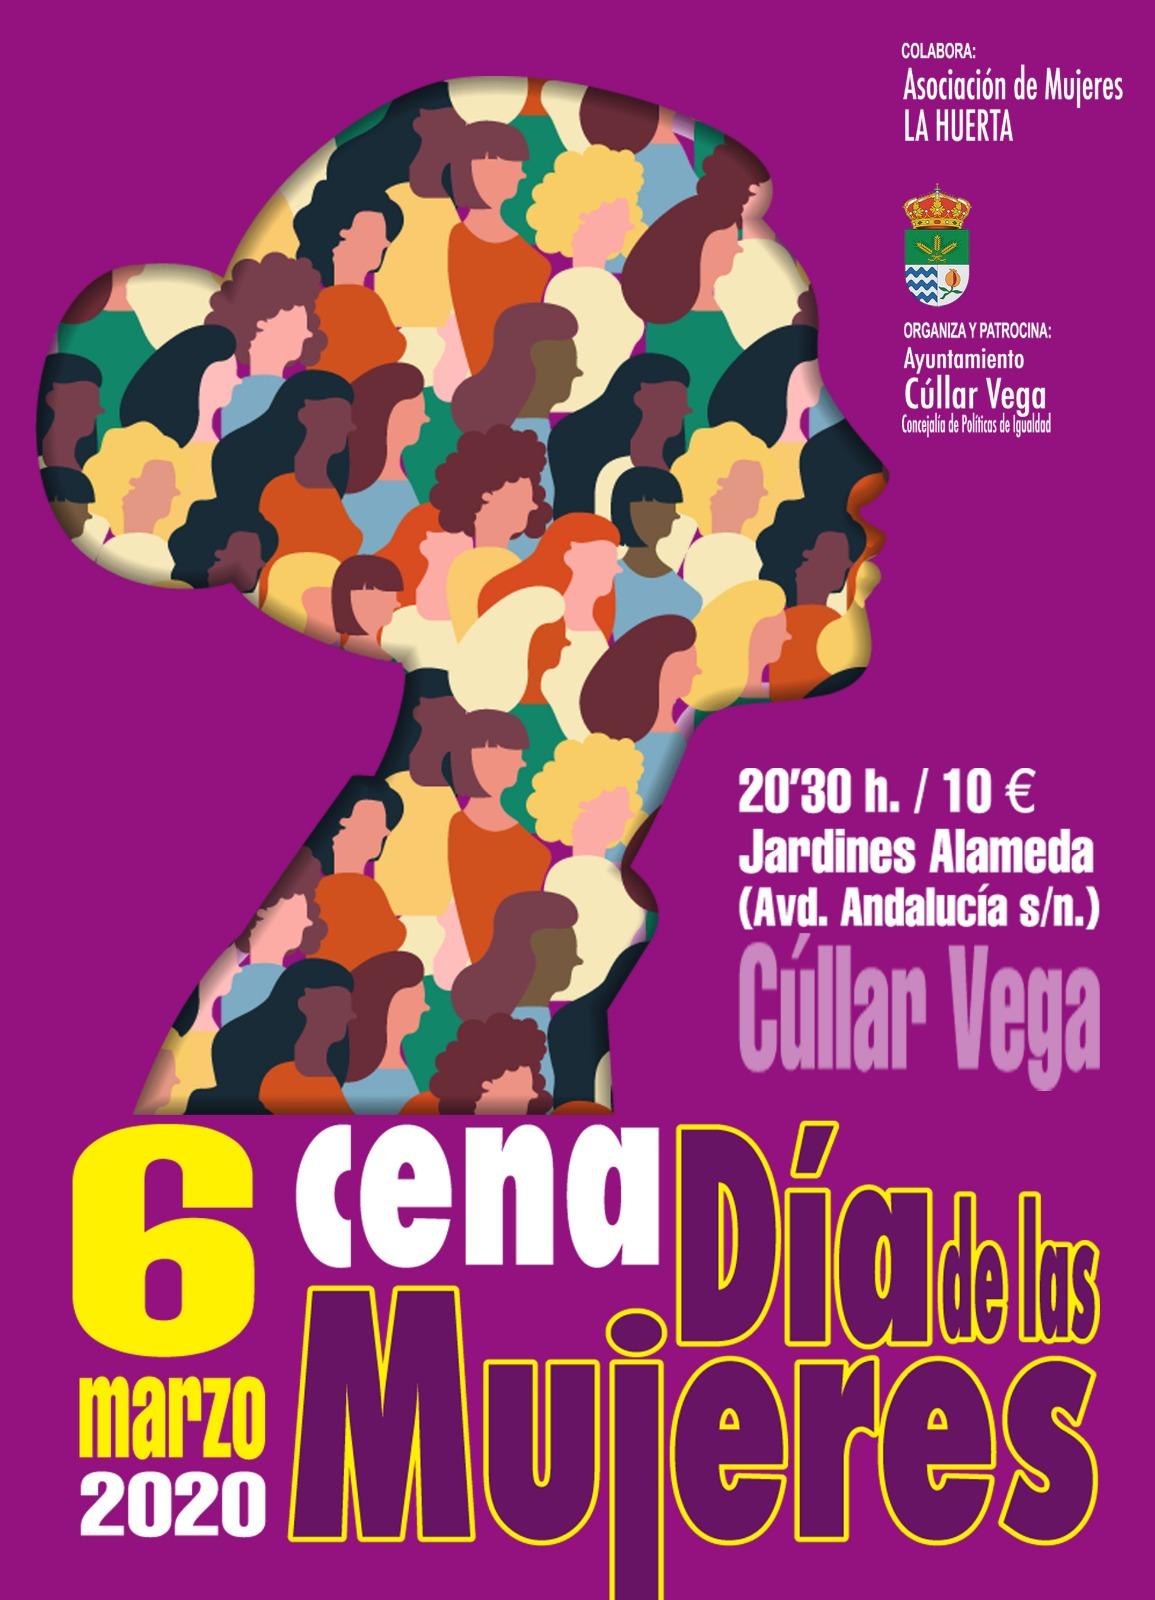 6 de marzo: Cena del Día de las Mujeres